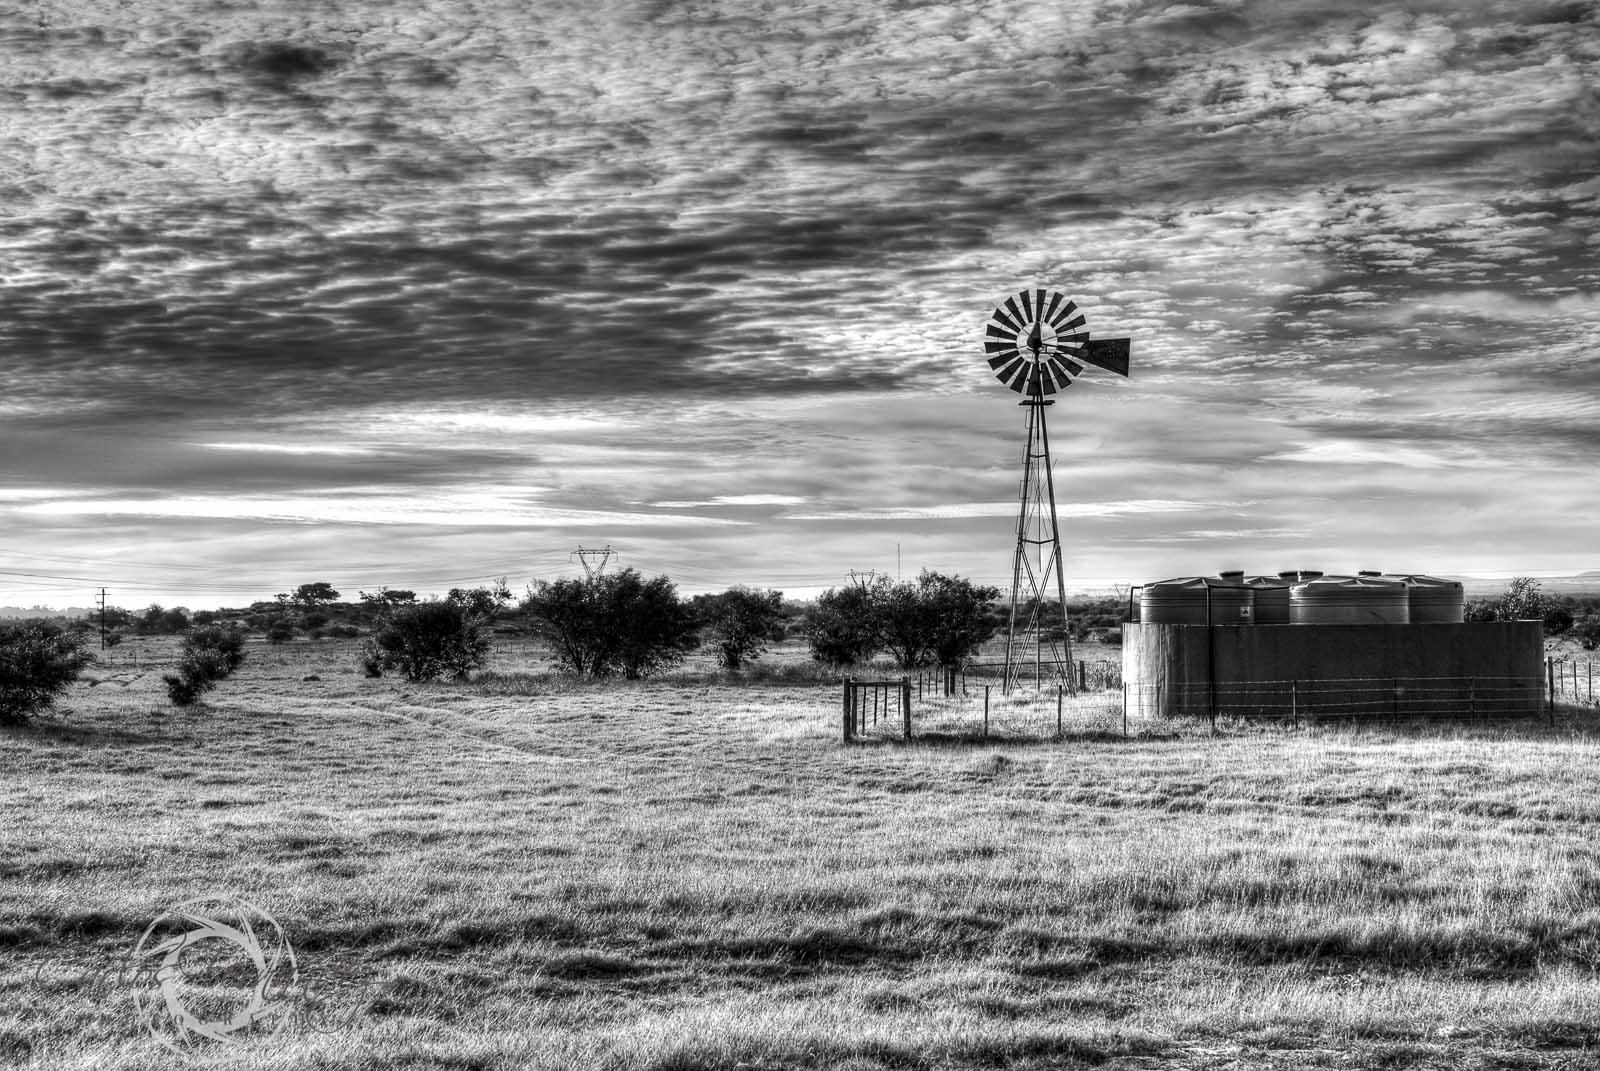 Farm Windmill, Cape Town, My 365 Project